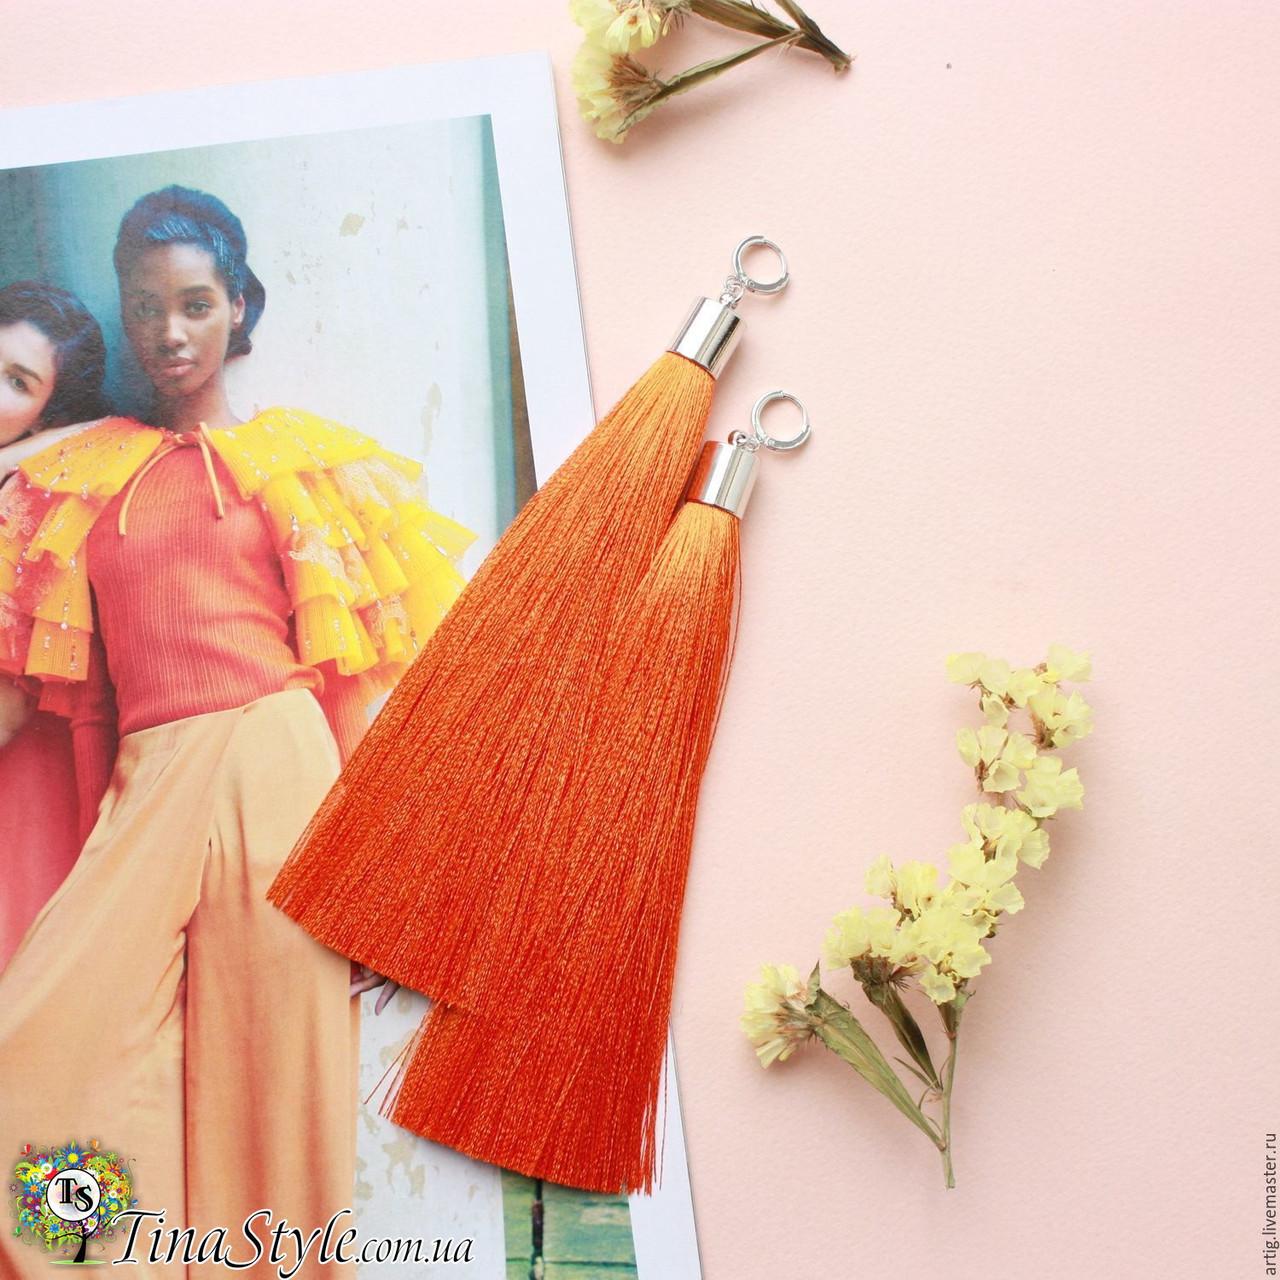 Серьги сережки кисточки Оранжевые Апельсин рыжий, оранжевый цвет кисть длинные висячие розовый Кисти